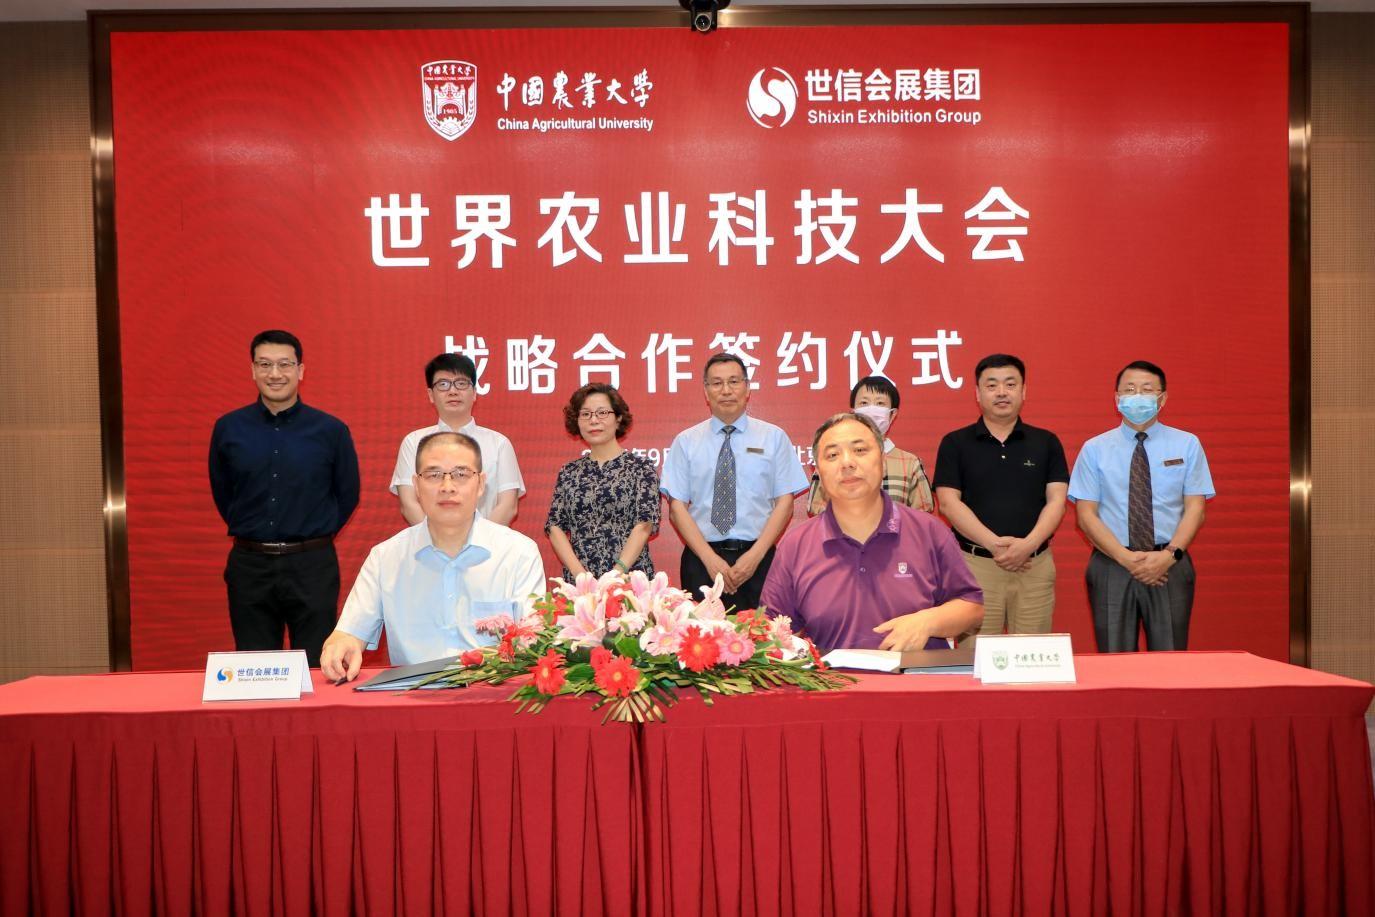 服务乡村振兴战略 共铸全球农业盛会 中国农业大学与世信国际会展集团战略合作签约